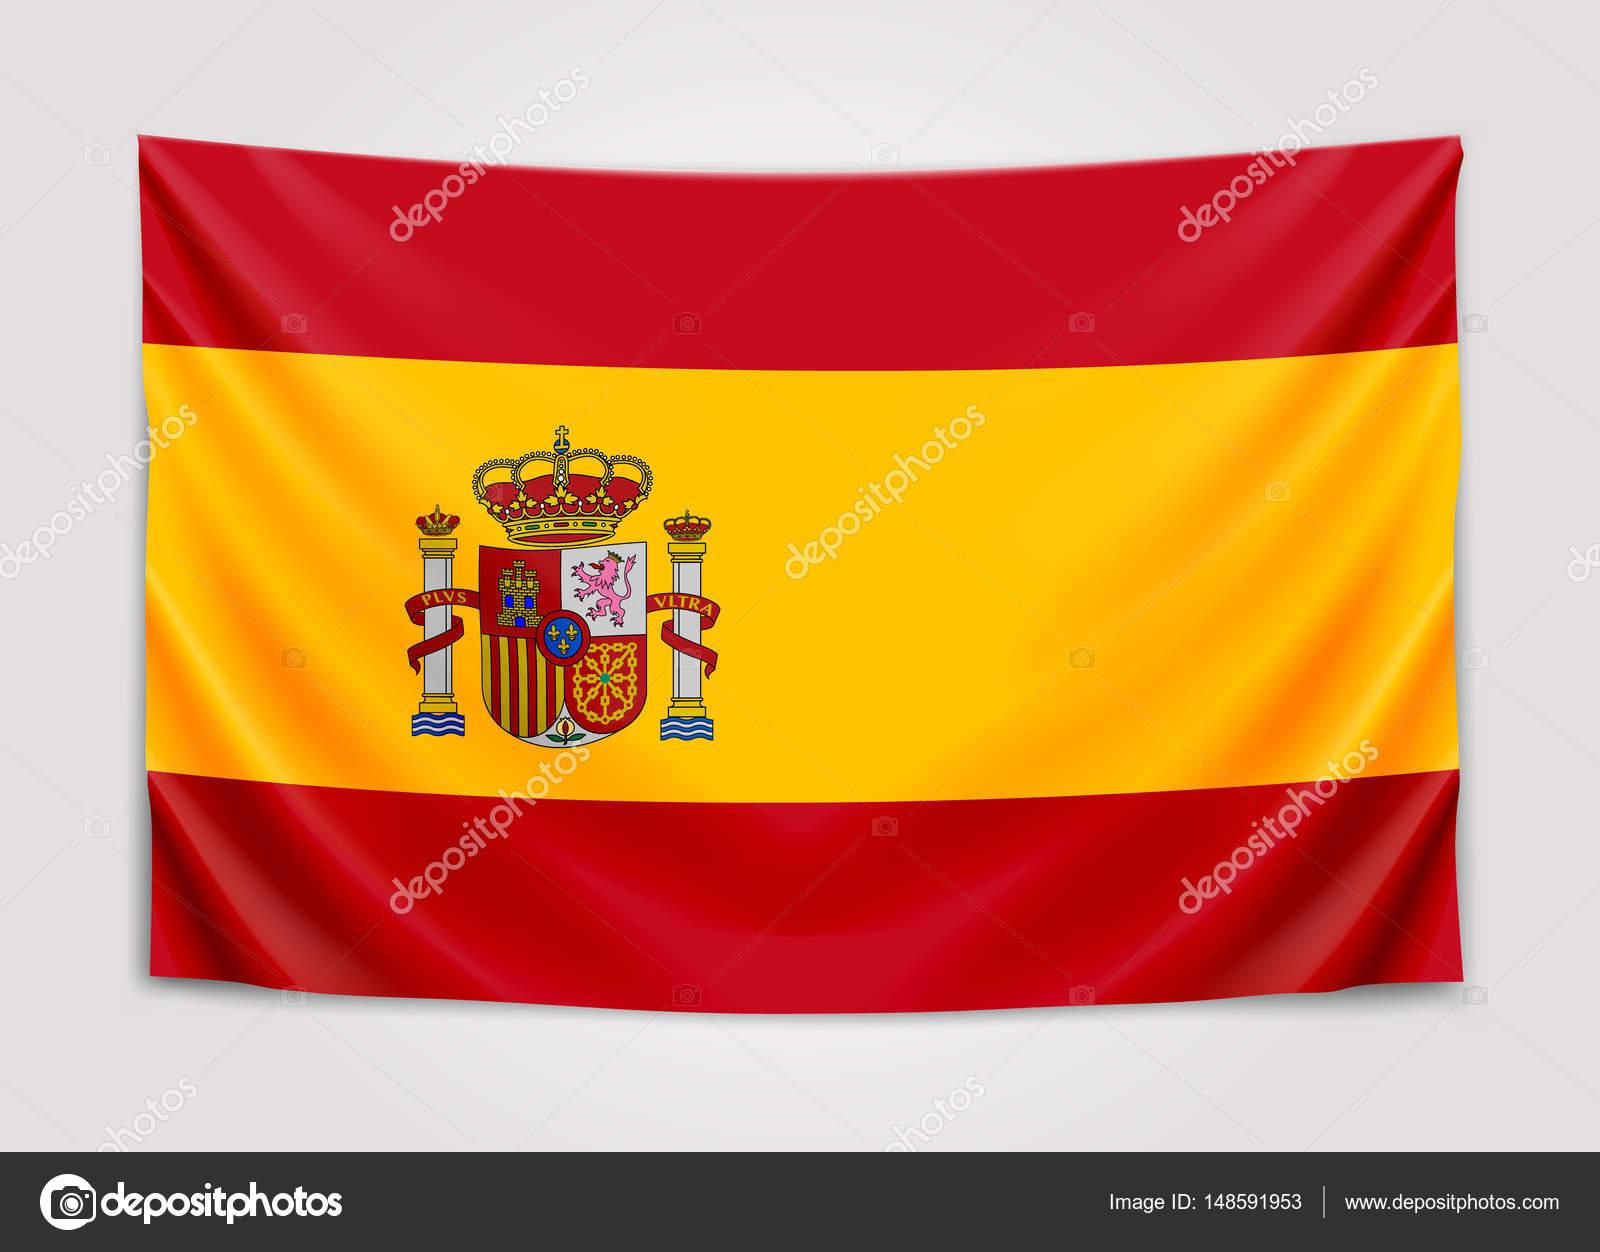 Accrocher le drapeau de l espagne royaume d espagne concept de drapeau national image - Drapeau d espagne a colorier ...